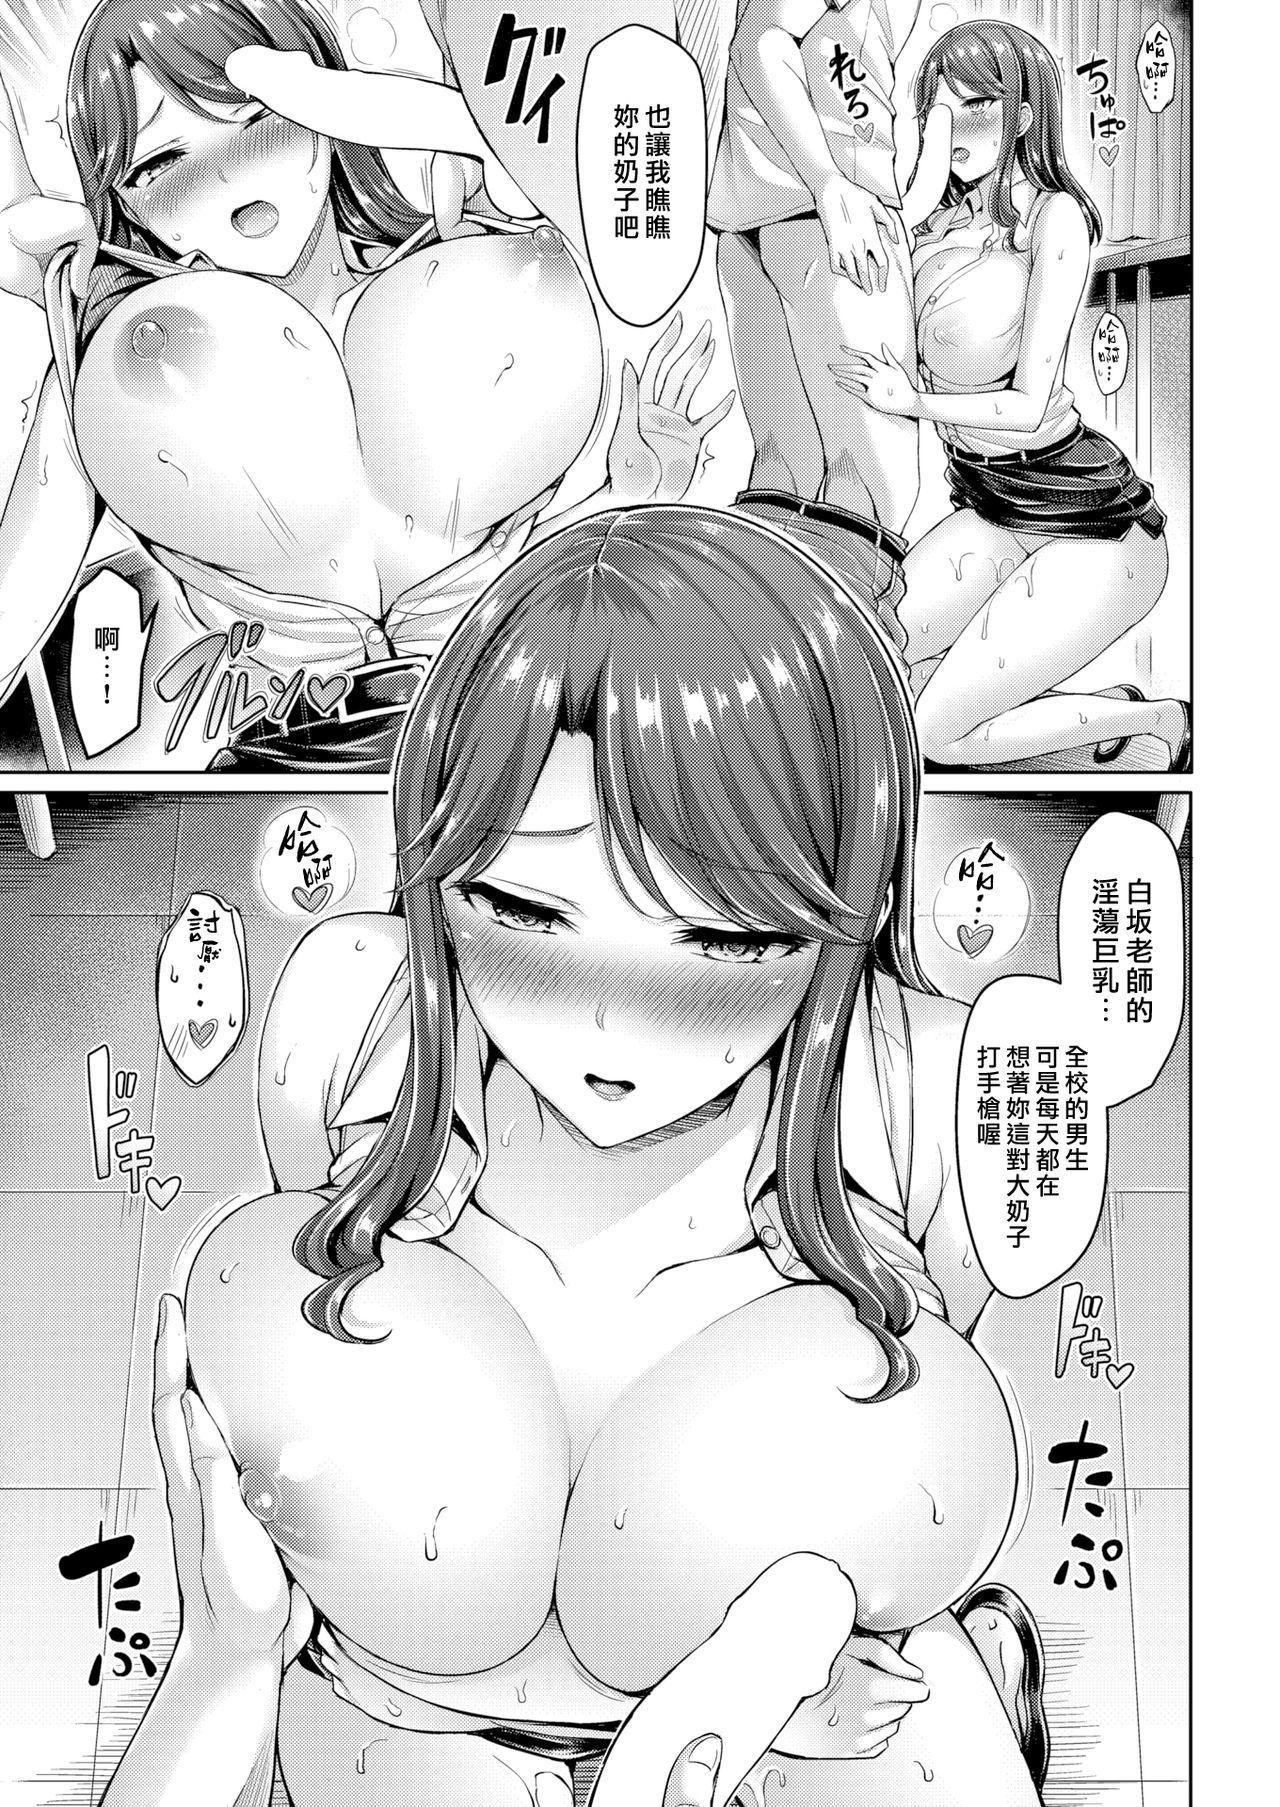 Shirasaka-sensei de Nukou! 6